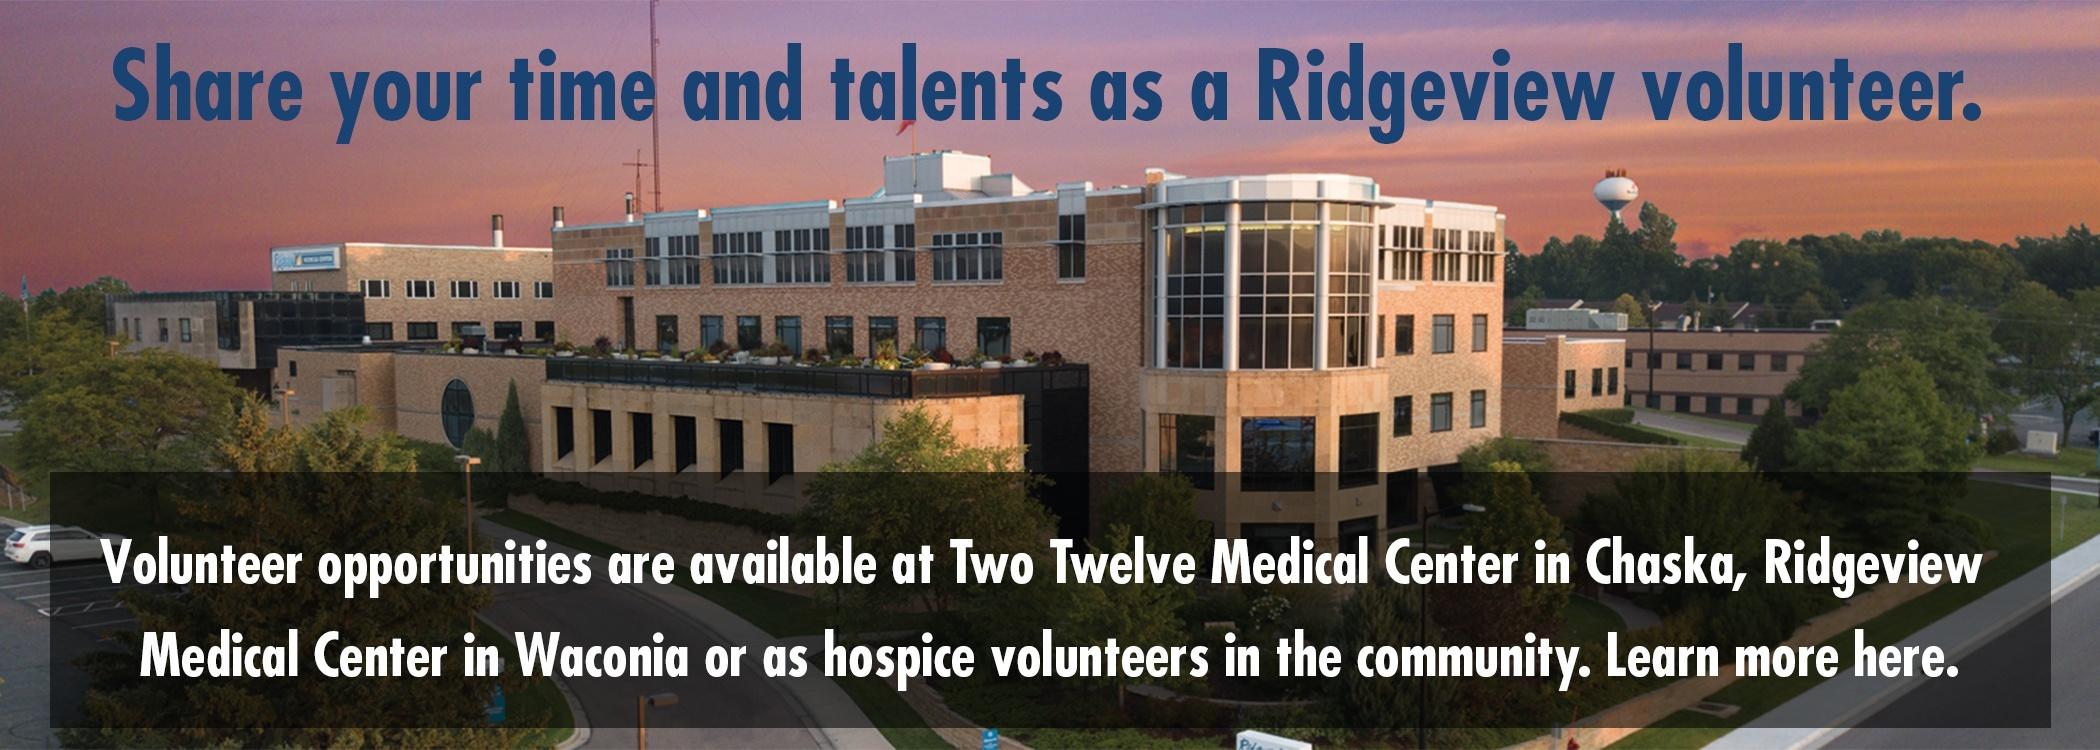 Become a Ridgeview volunteer